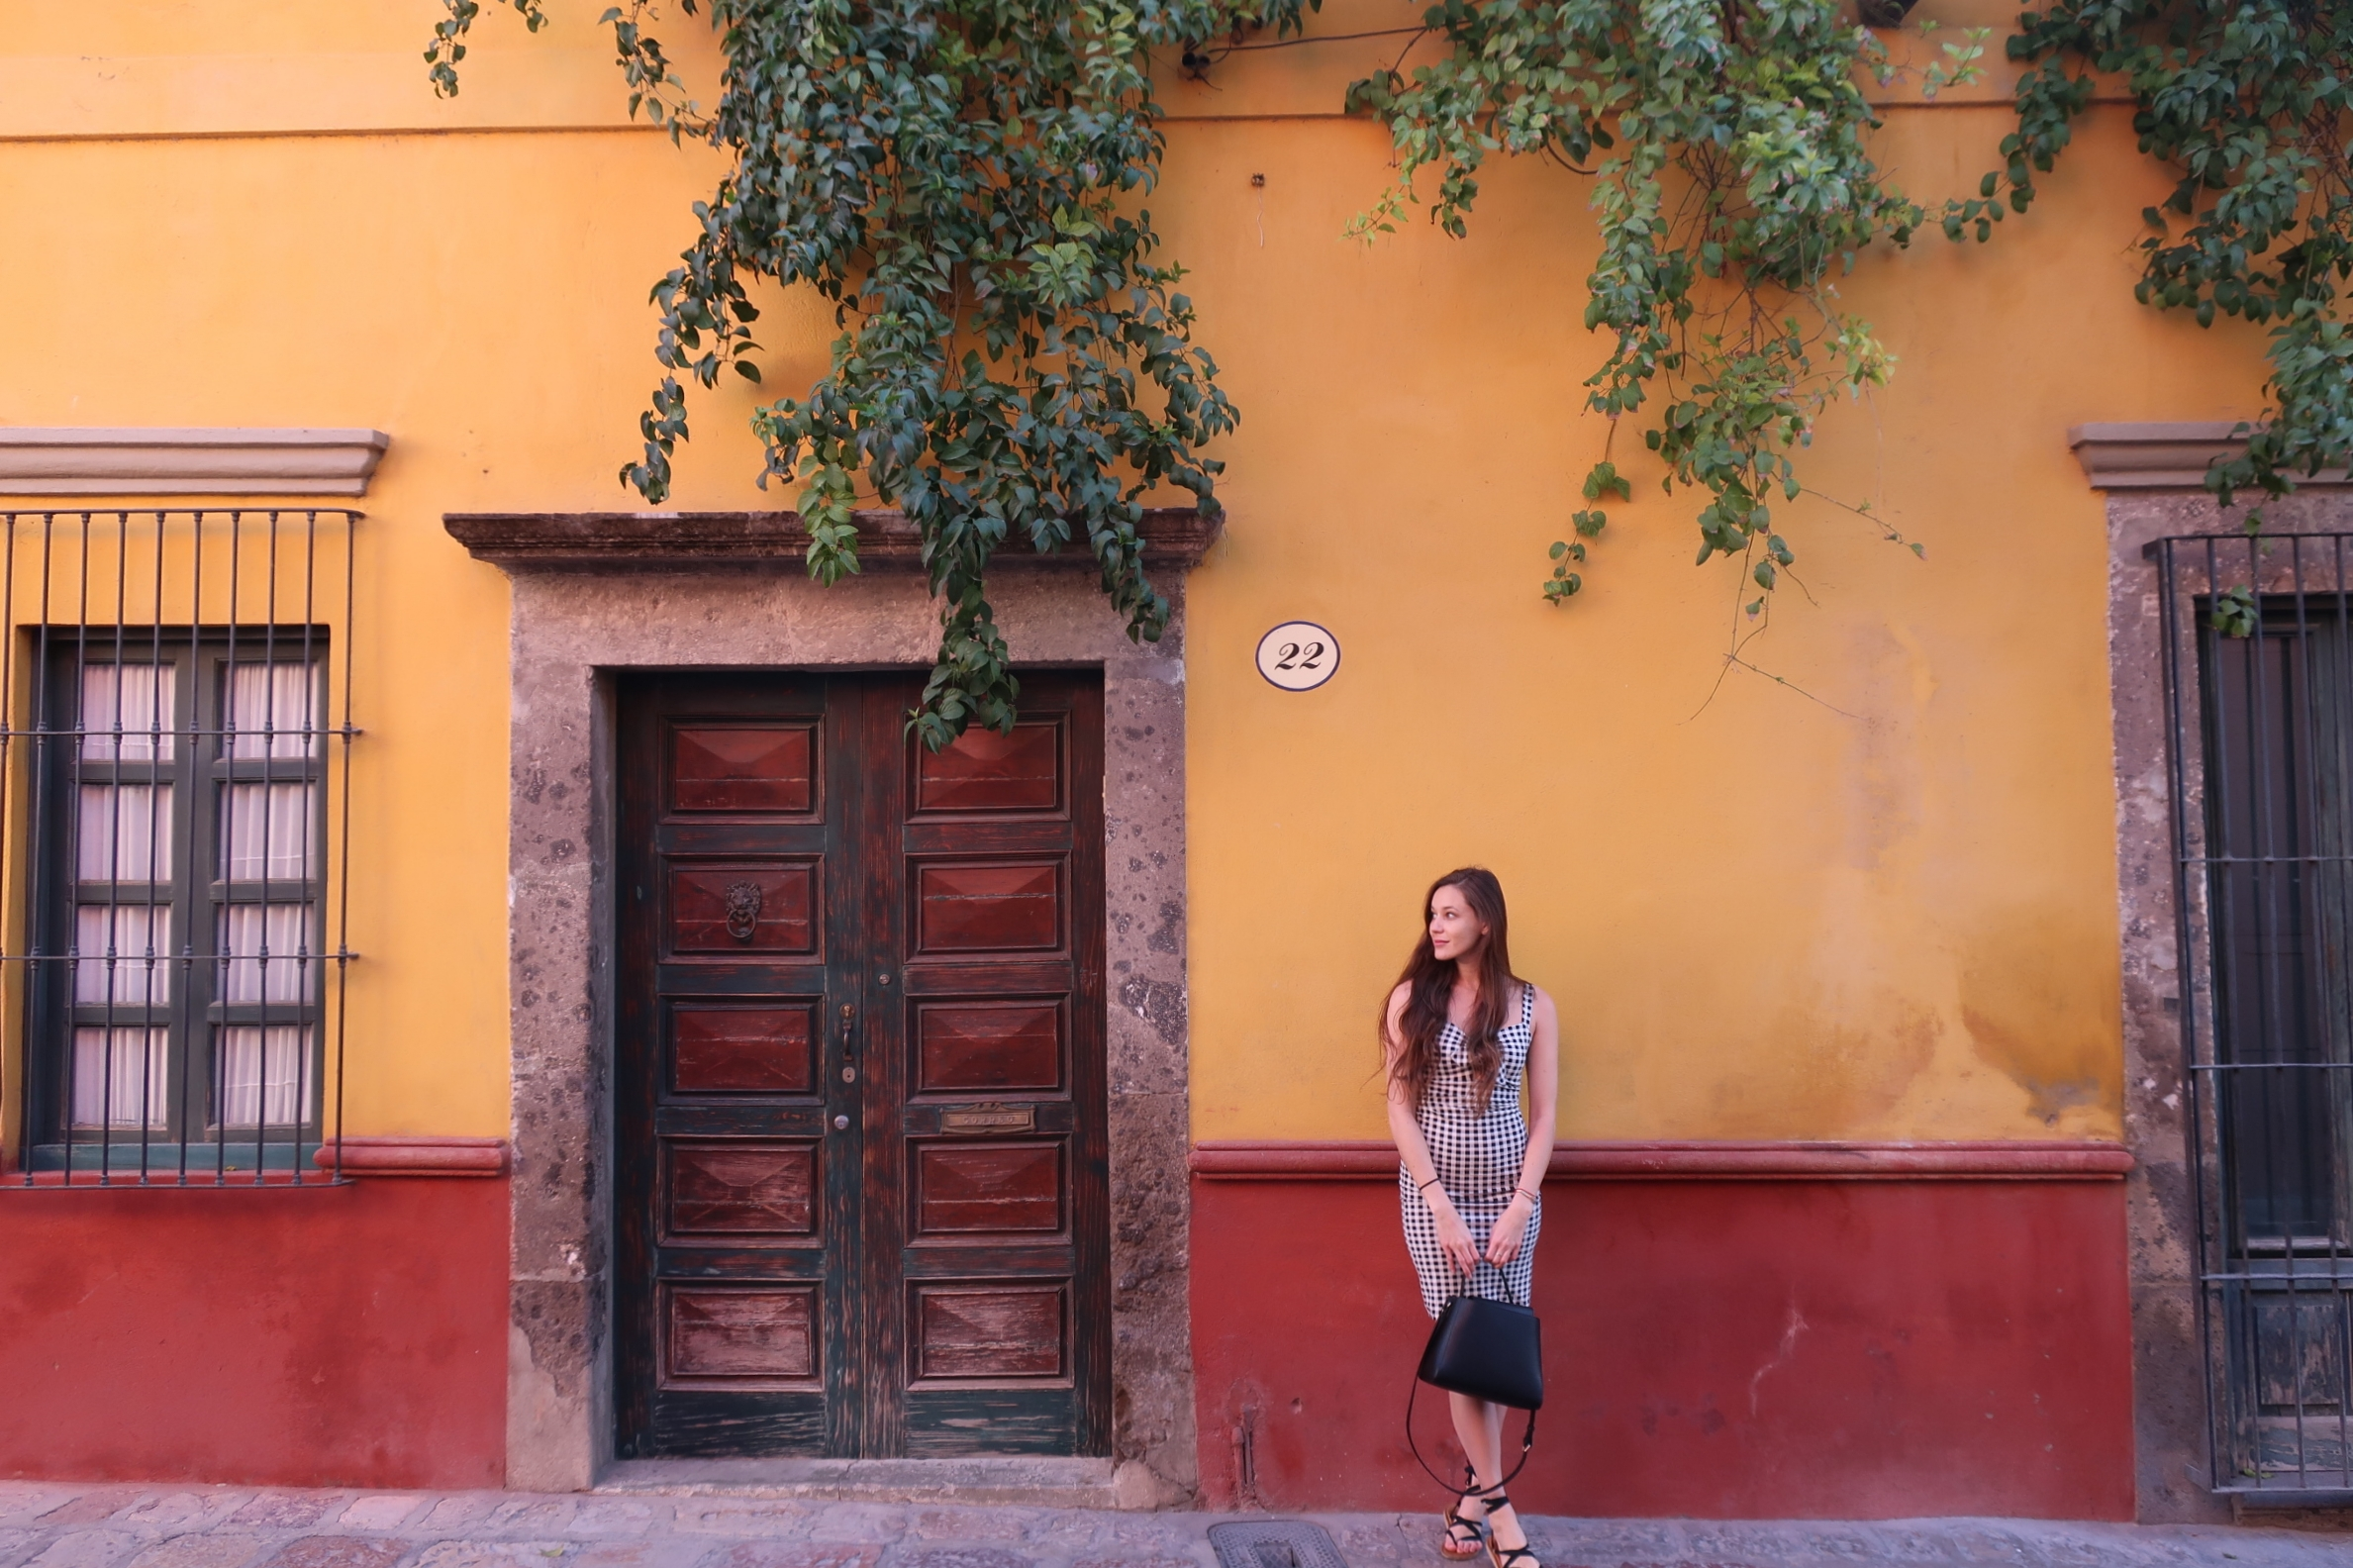 Photo taken on calle aldama in san miguel de allende, mexico